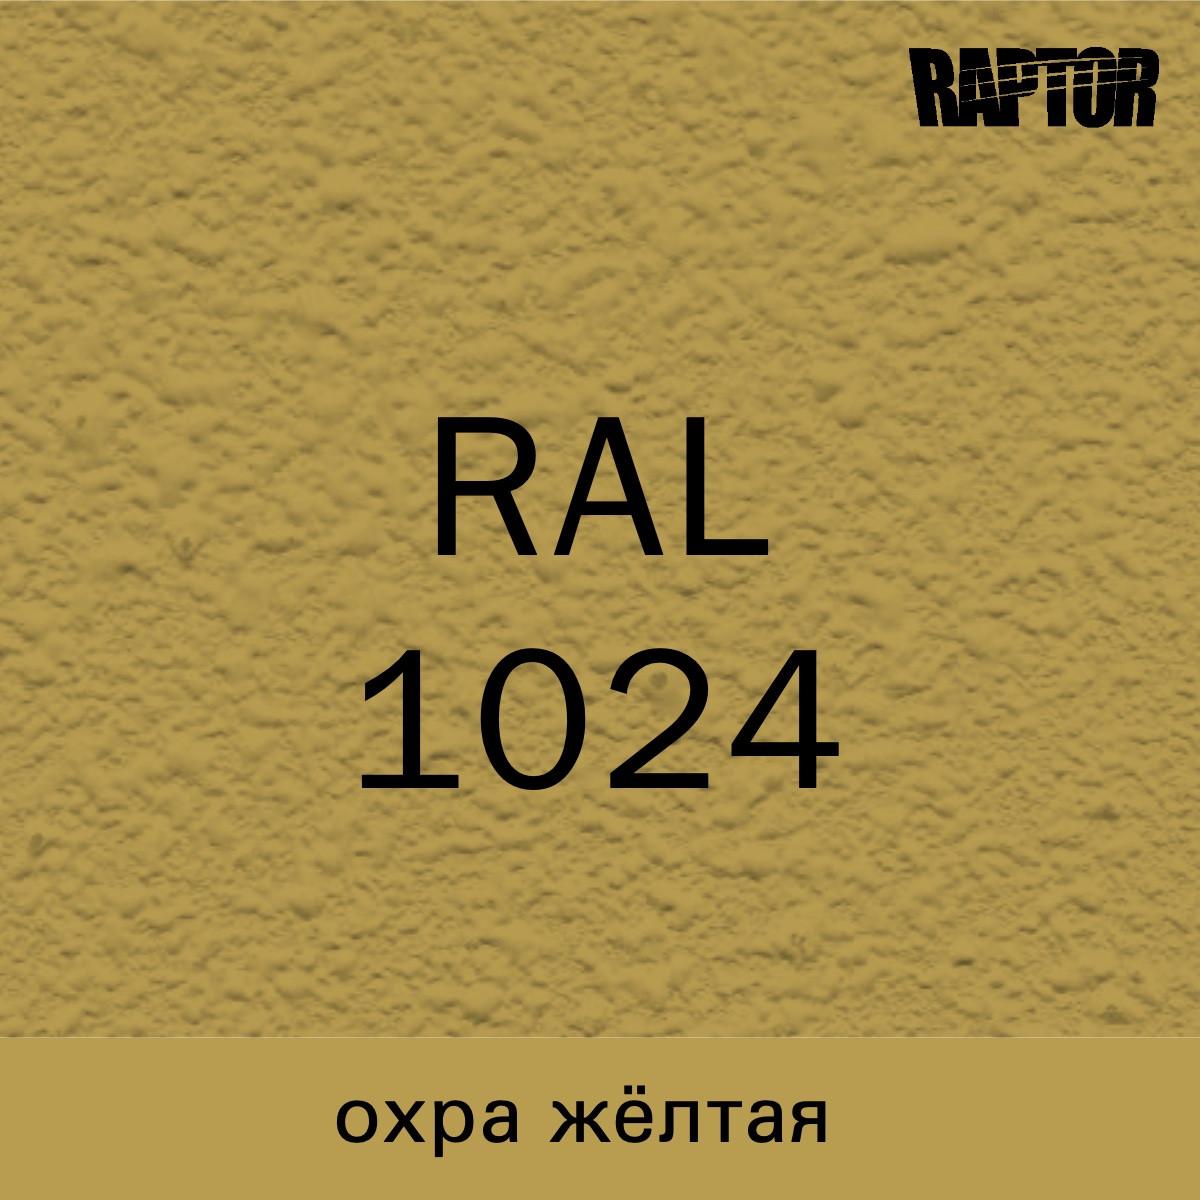 Пигмент для колеровки покрытия RAPTOR™ Охра жёлтая (RAL 1024)